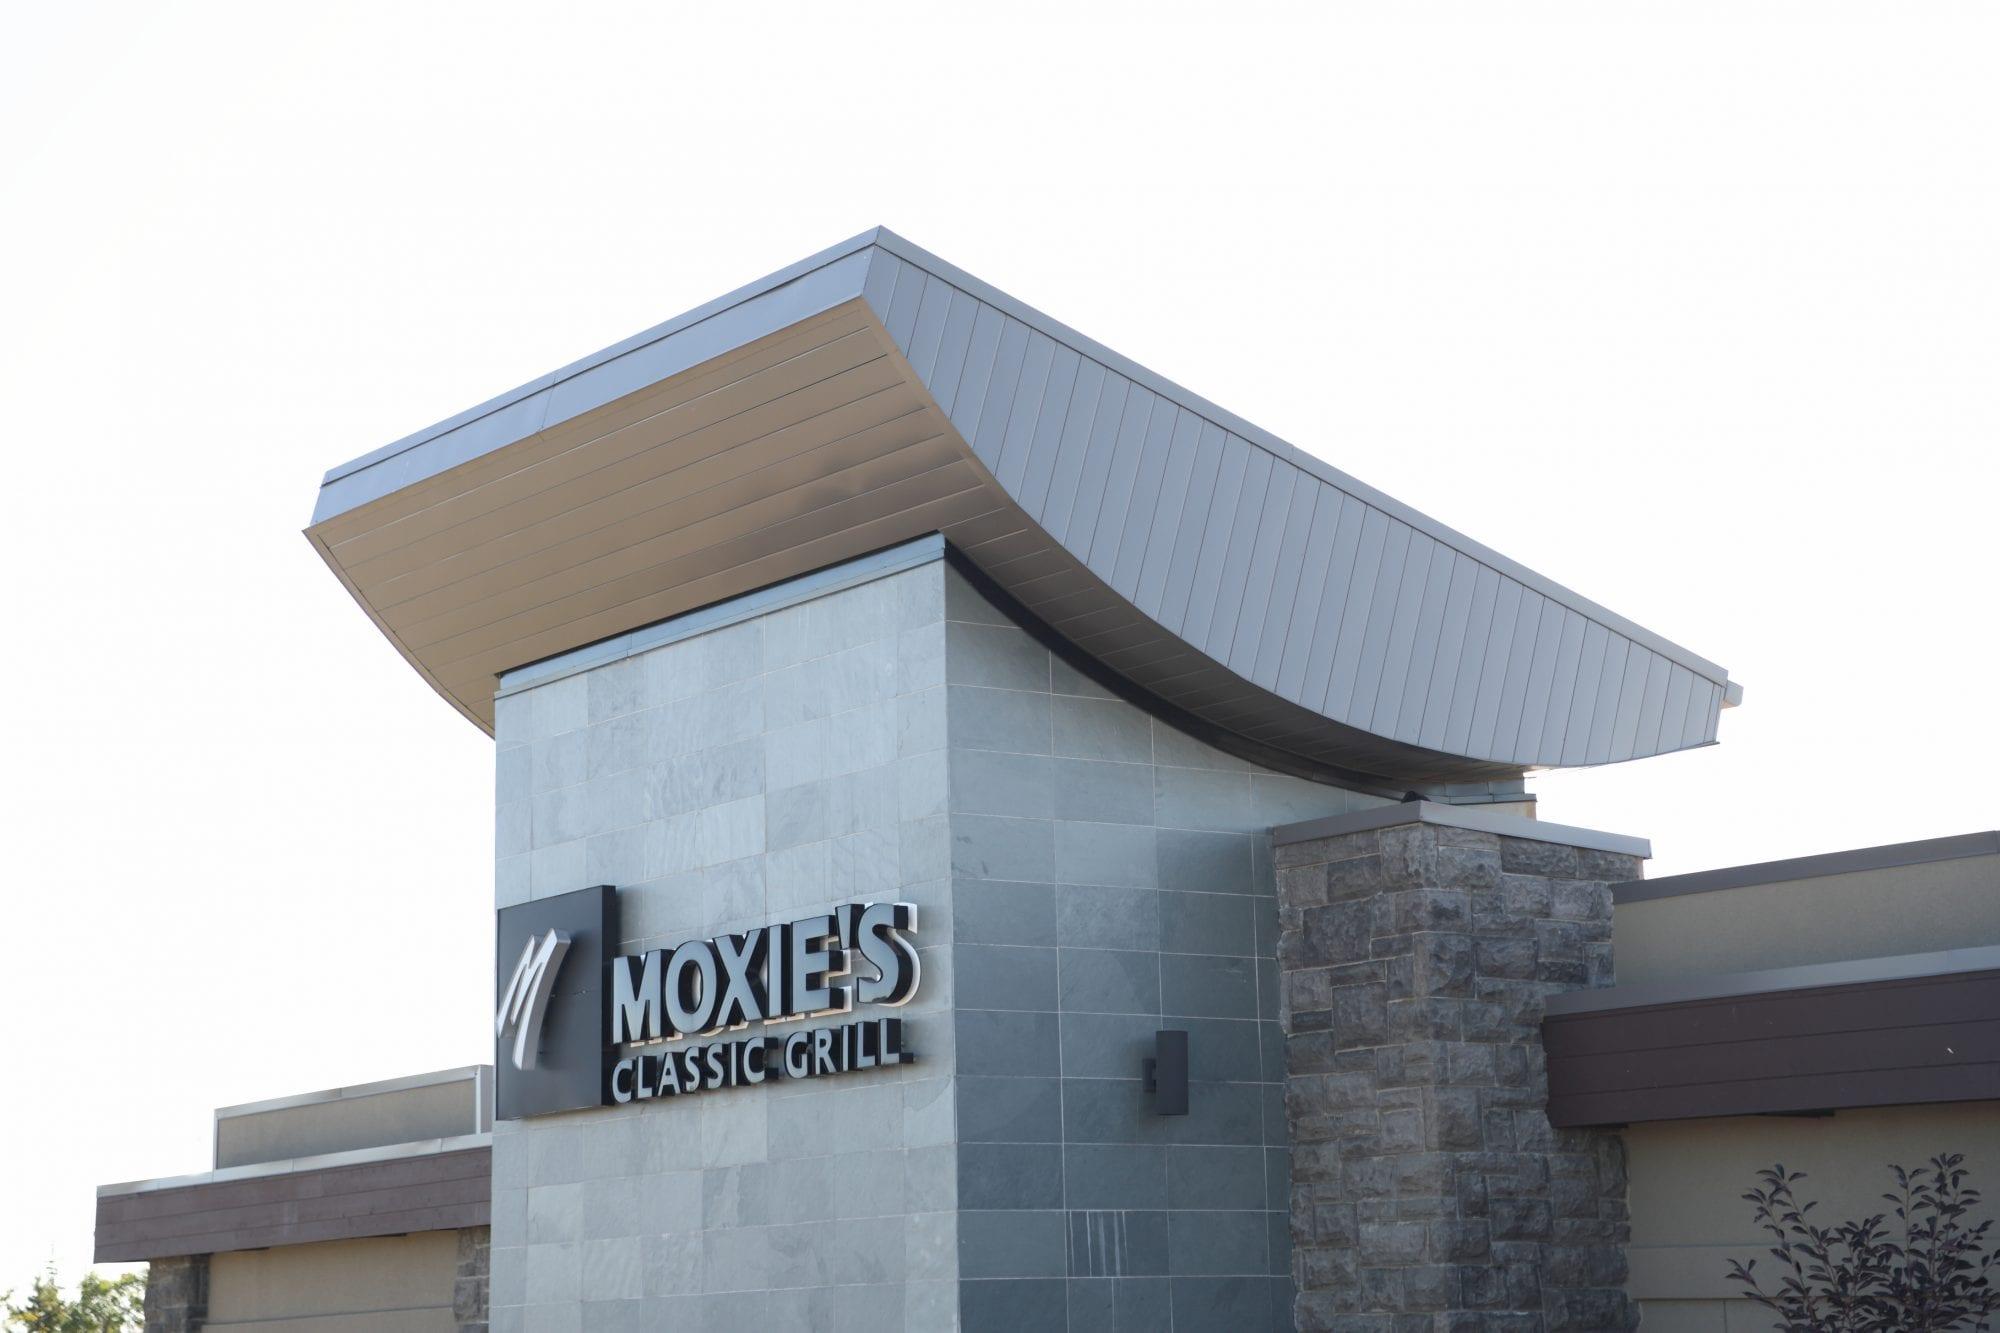 Moxies Classic Grill